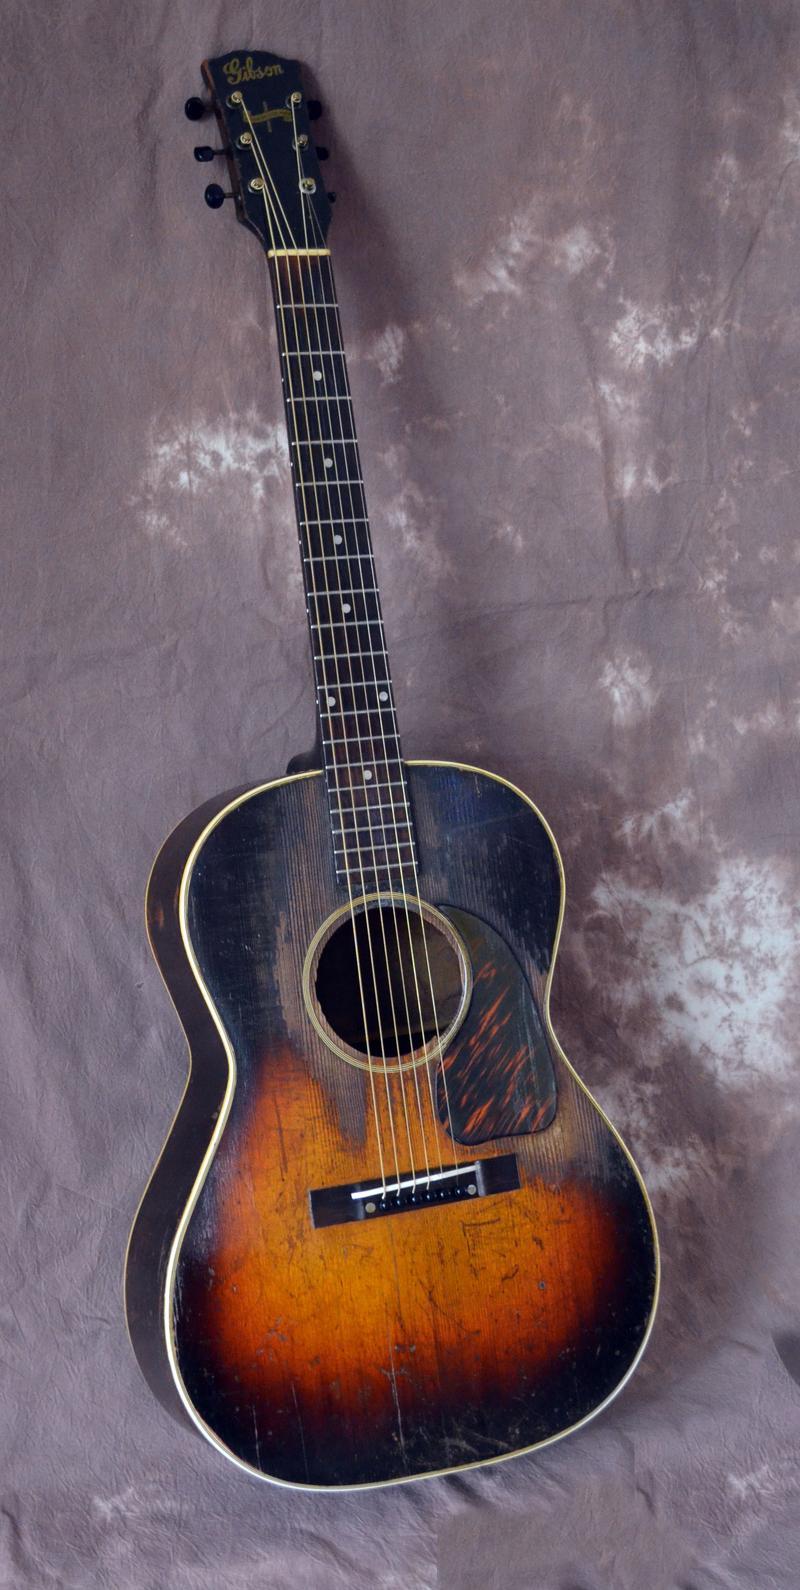 1942 Gibson guitar photo